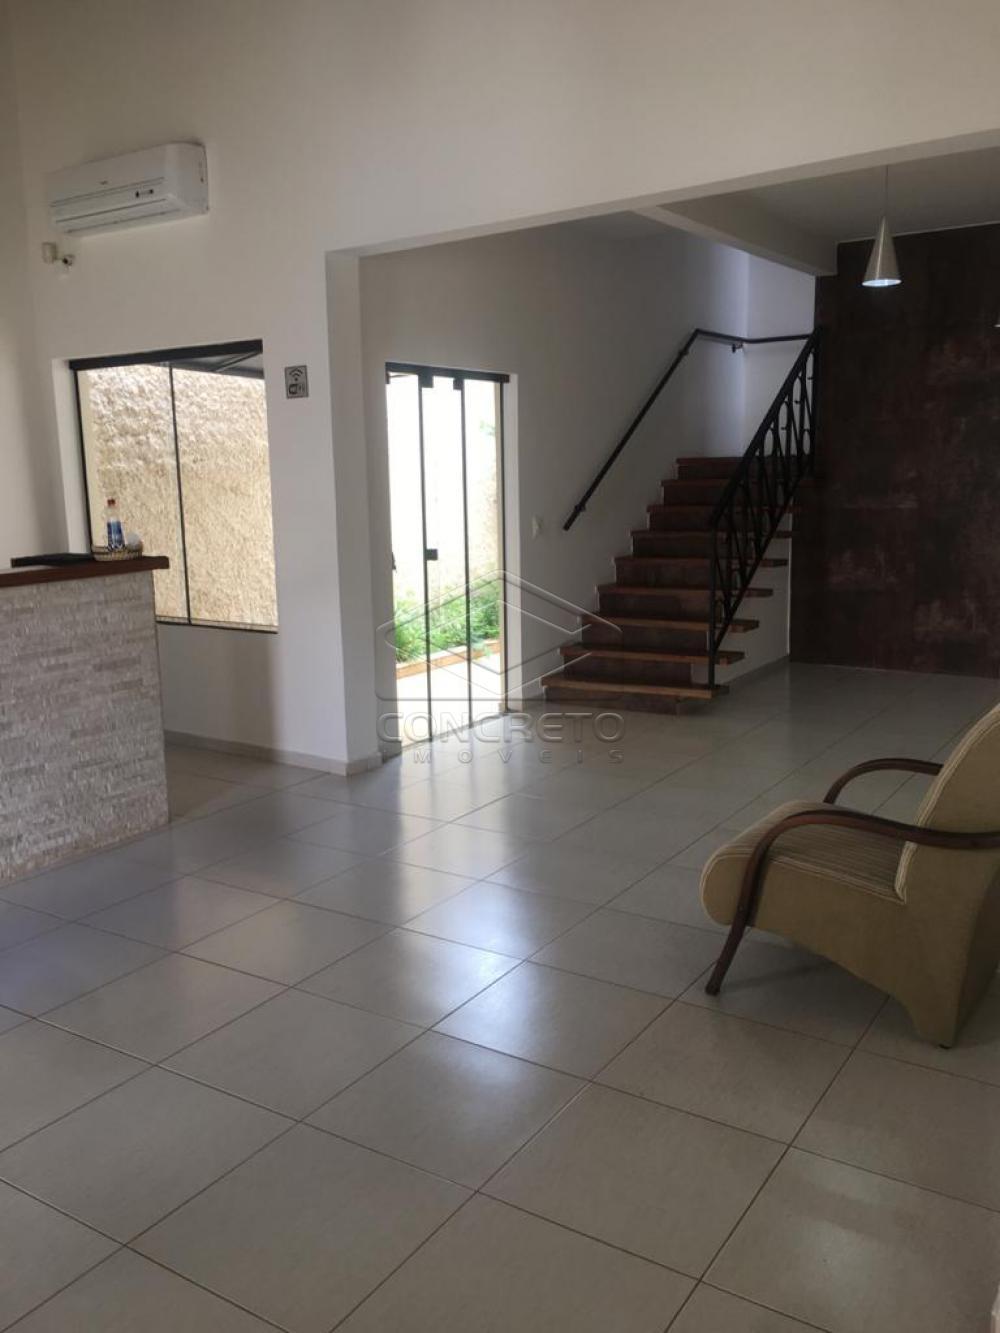 Alugar Casa / Comercial em Bauru apenas R$ 4.500,00 - Foto 3